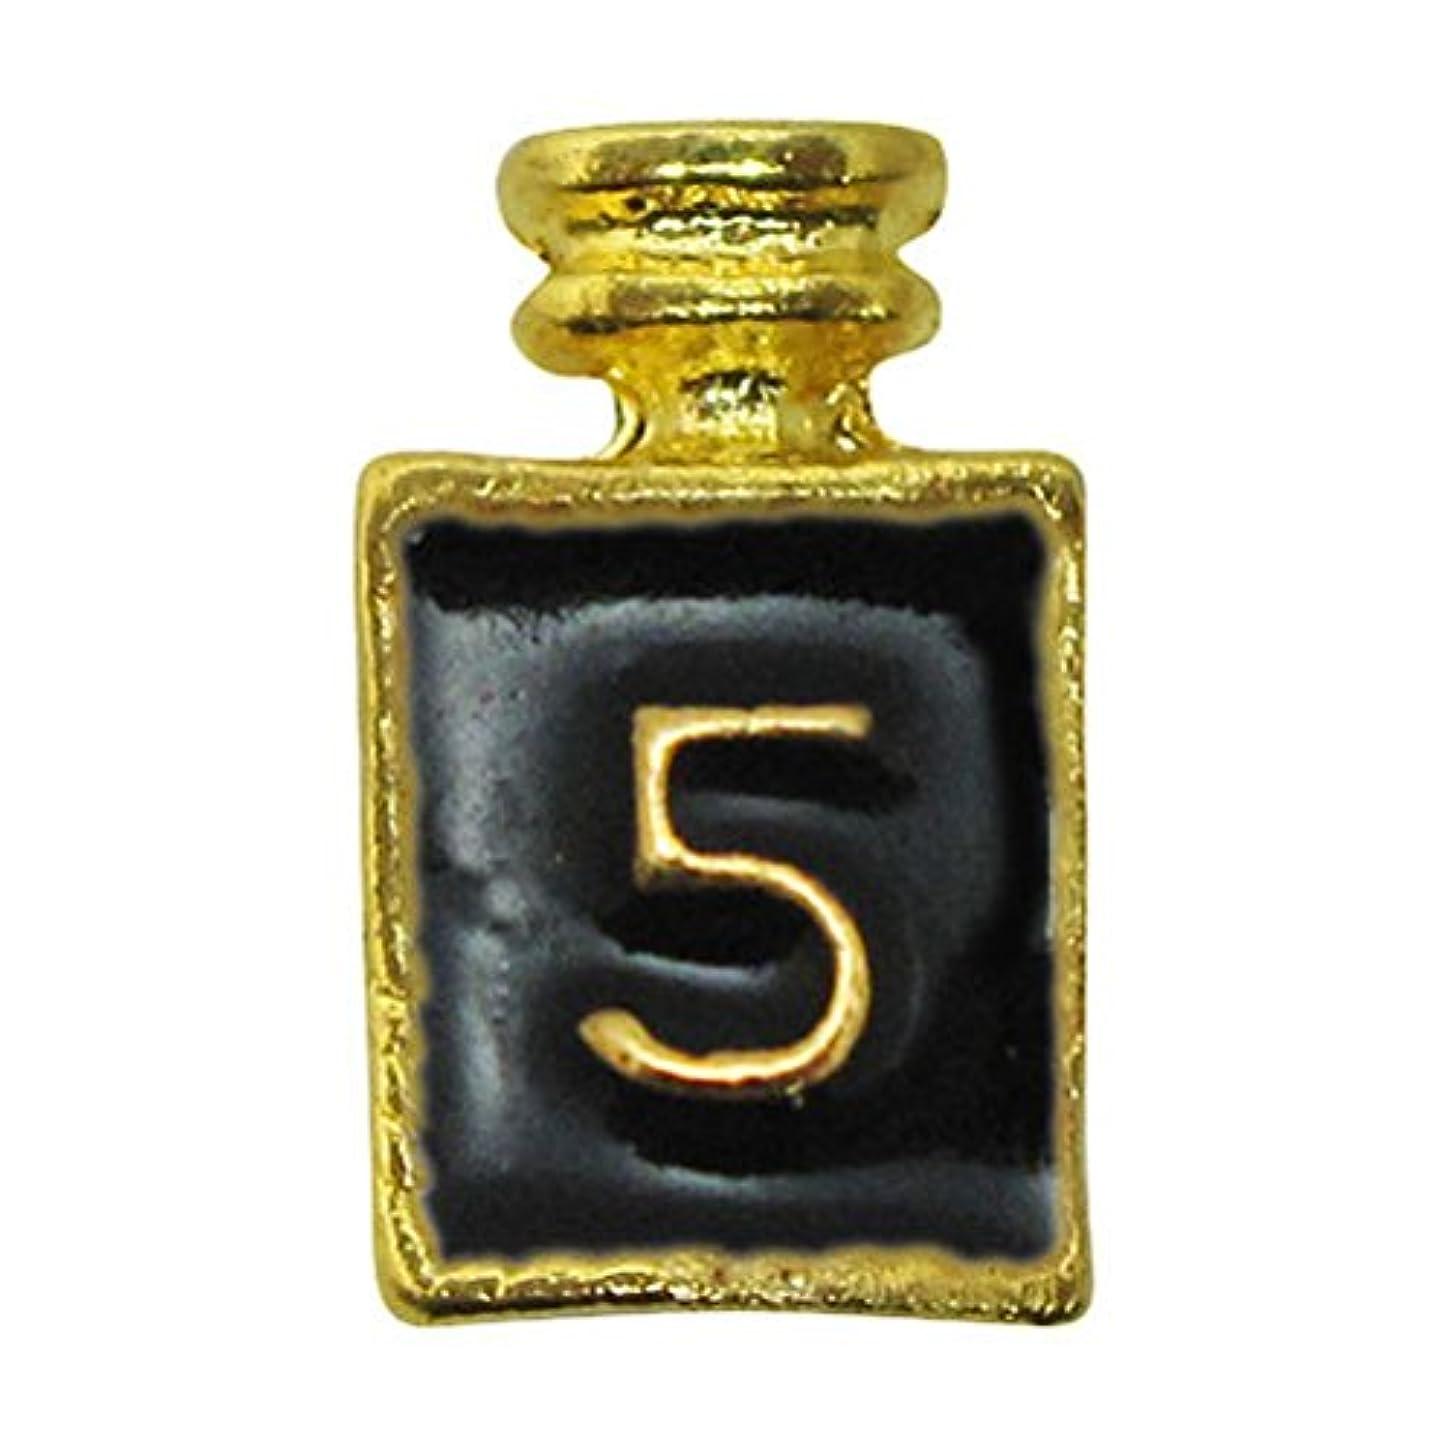 飢饉流行している店員サンシャインベビー ジェルネイル コロン No.5 ブラック 2P